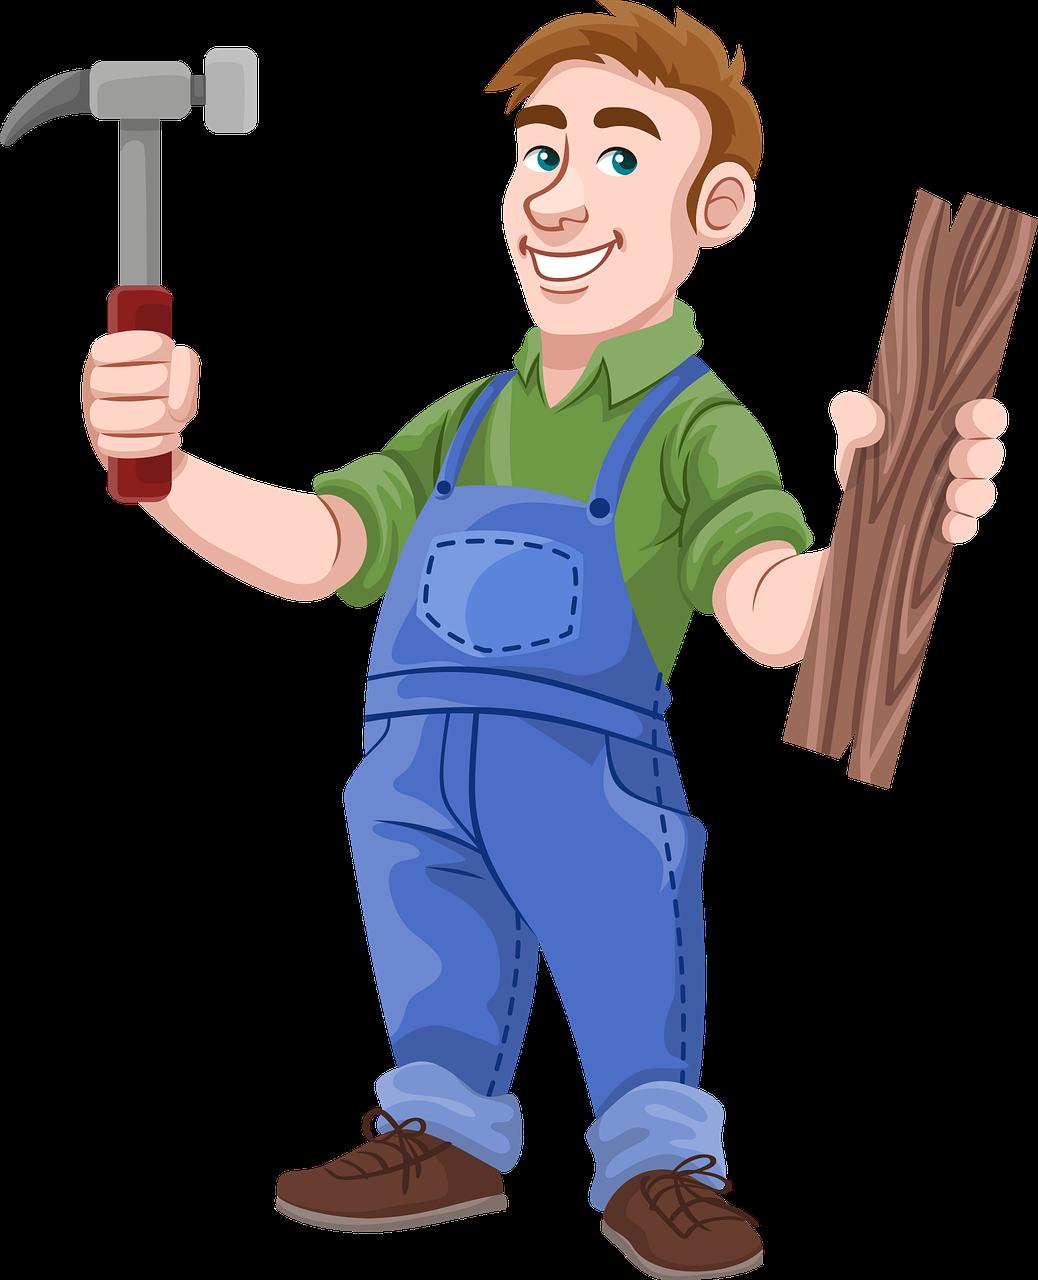 Extension ossature bois à Soisy-sous-montmorency 95230 : Devis et tarifs